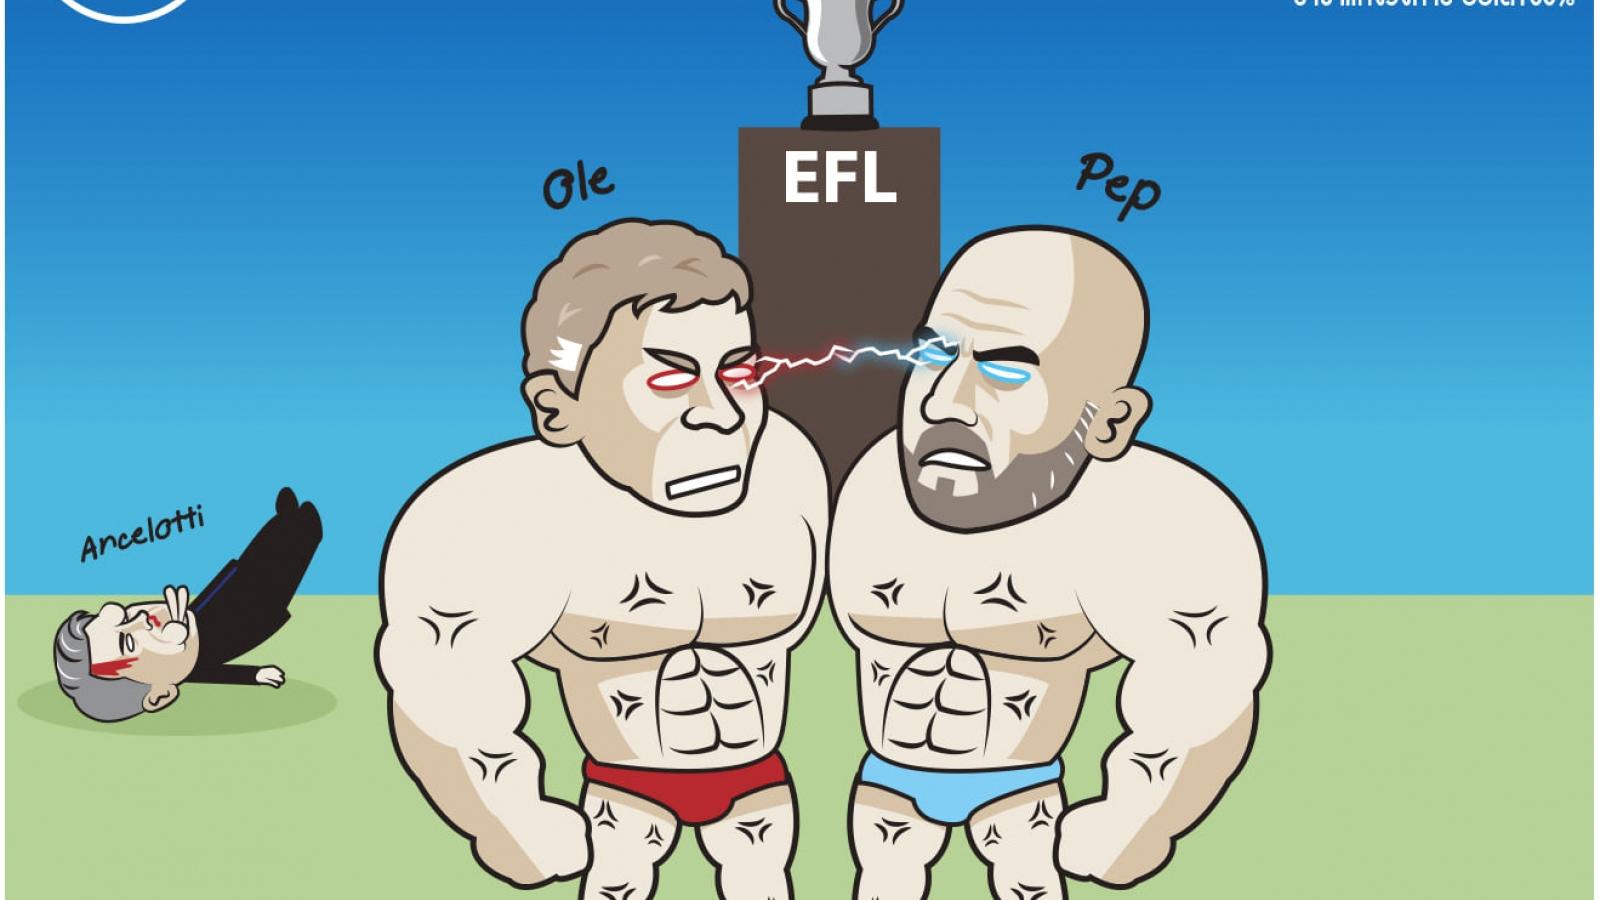 Biếm họa 24h: Solskjaer và Pep Guardiola khoe cơ bụng 6 múi